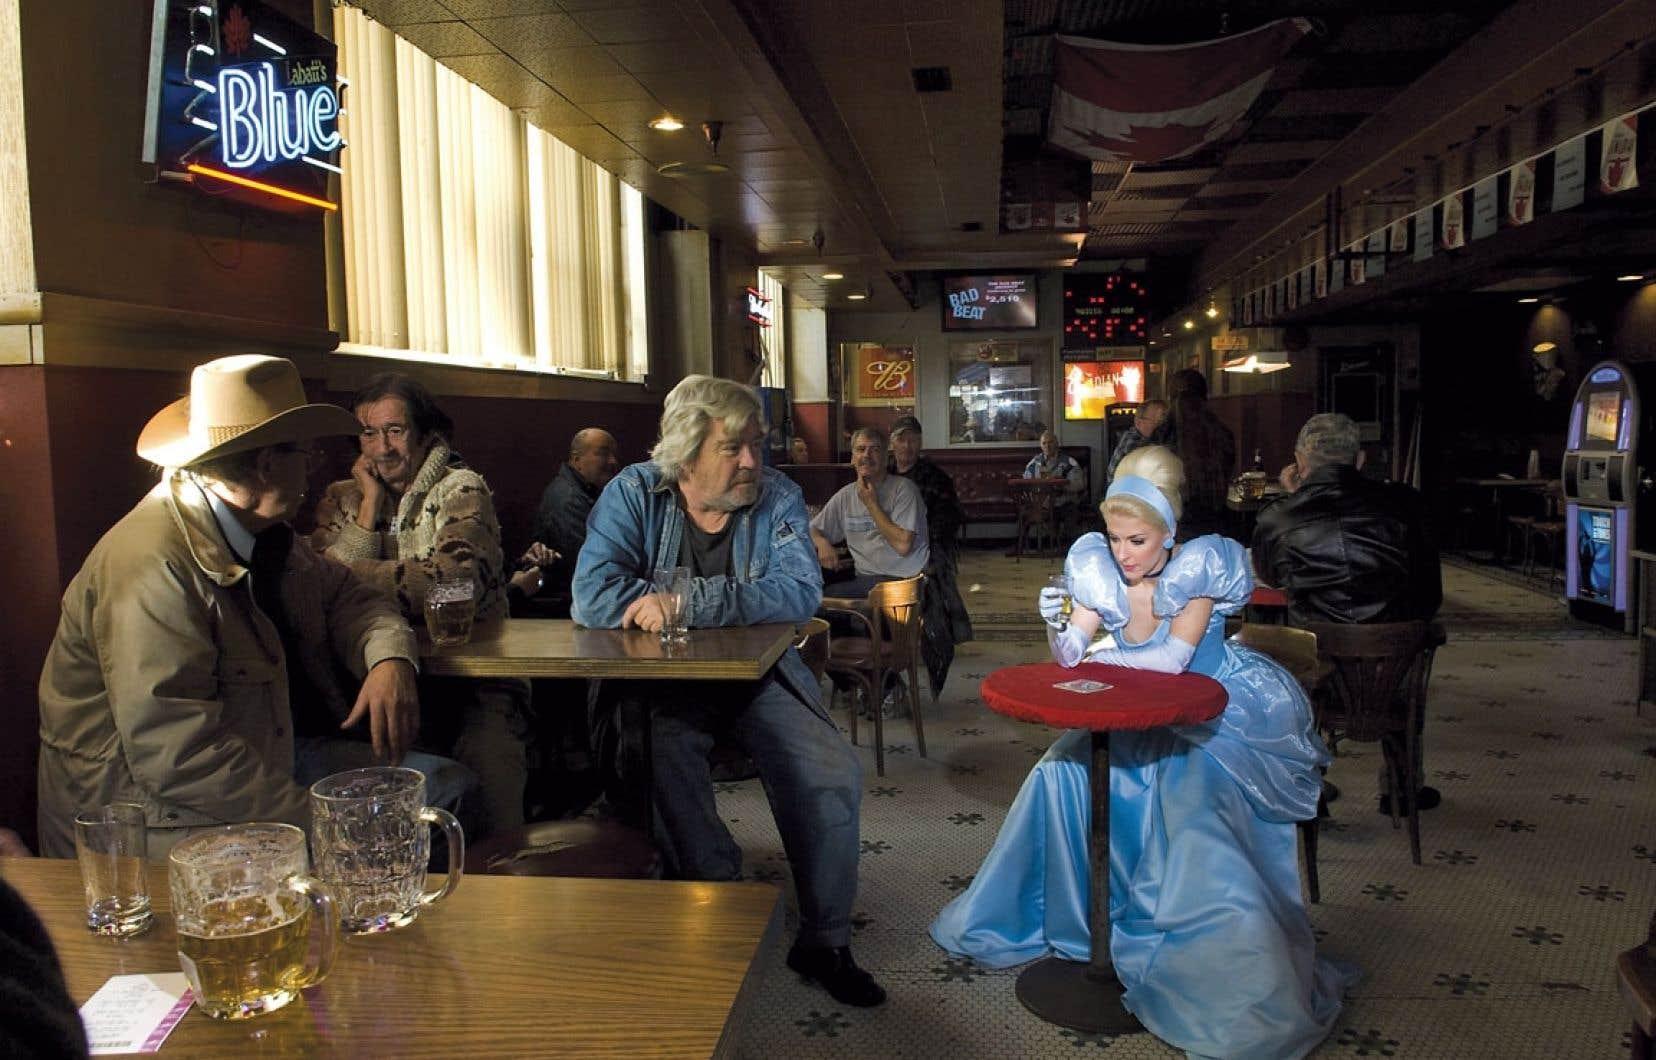 Dans l'œuvre de Dina Goldstein, Cendrillon noie sa rupture à la brasserie.